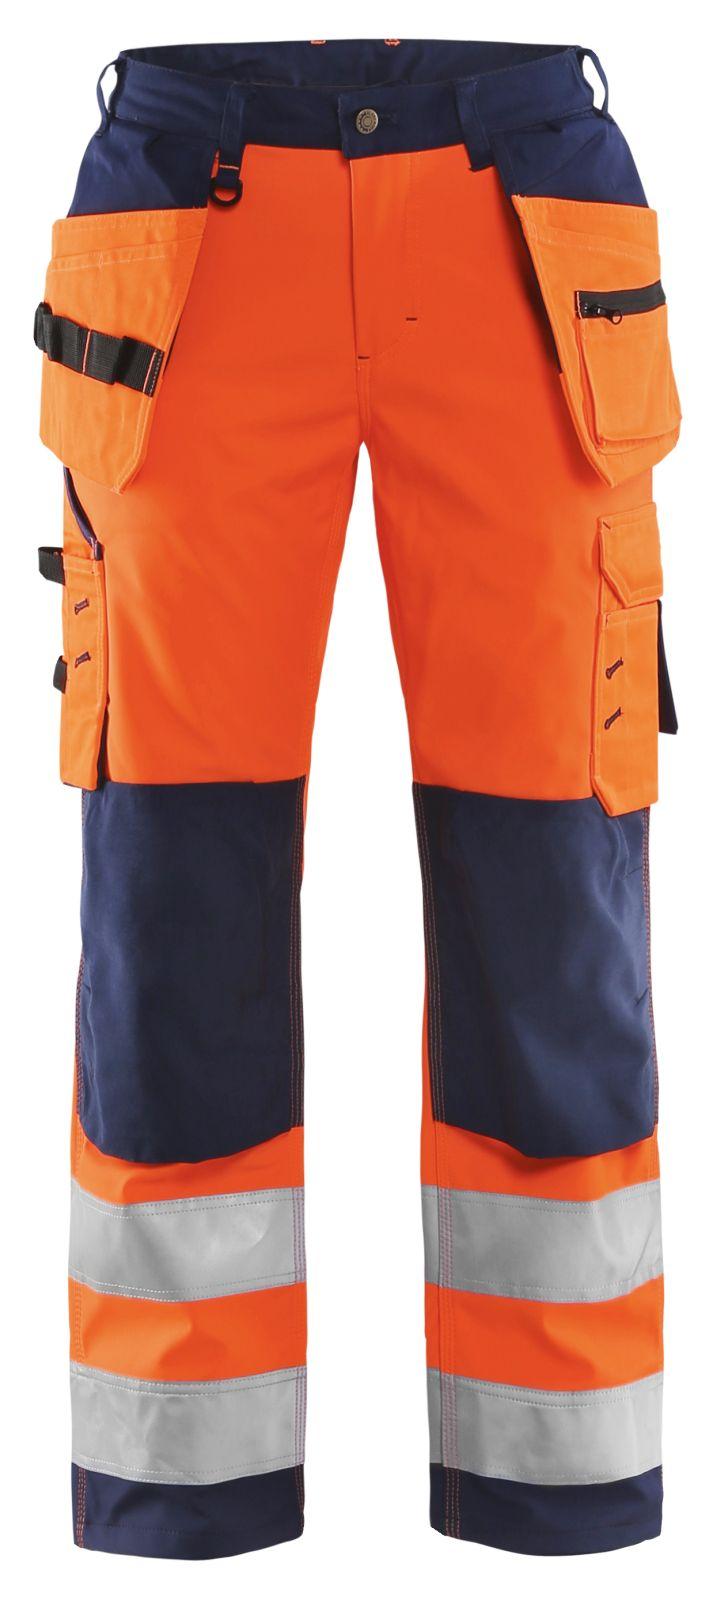 Blaklader Dames softshell werkbroeken 71672517 High Vis oranje-marineblauw(5389)